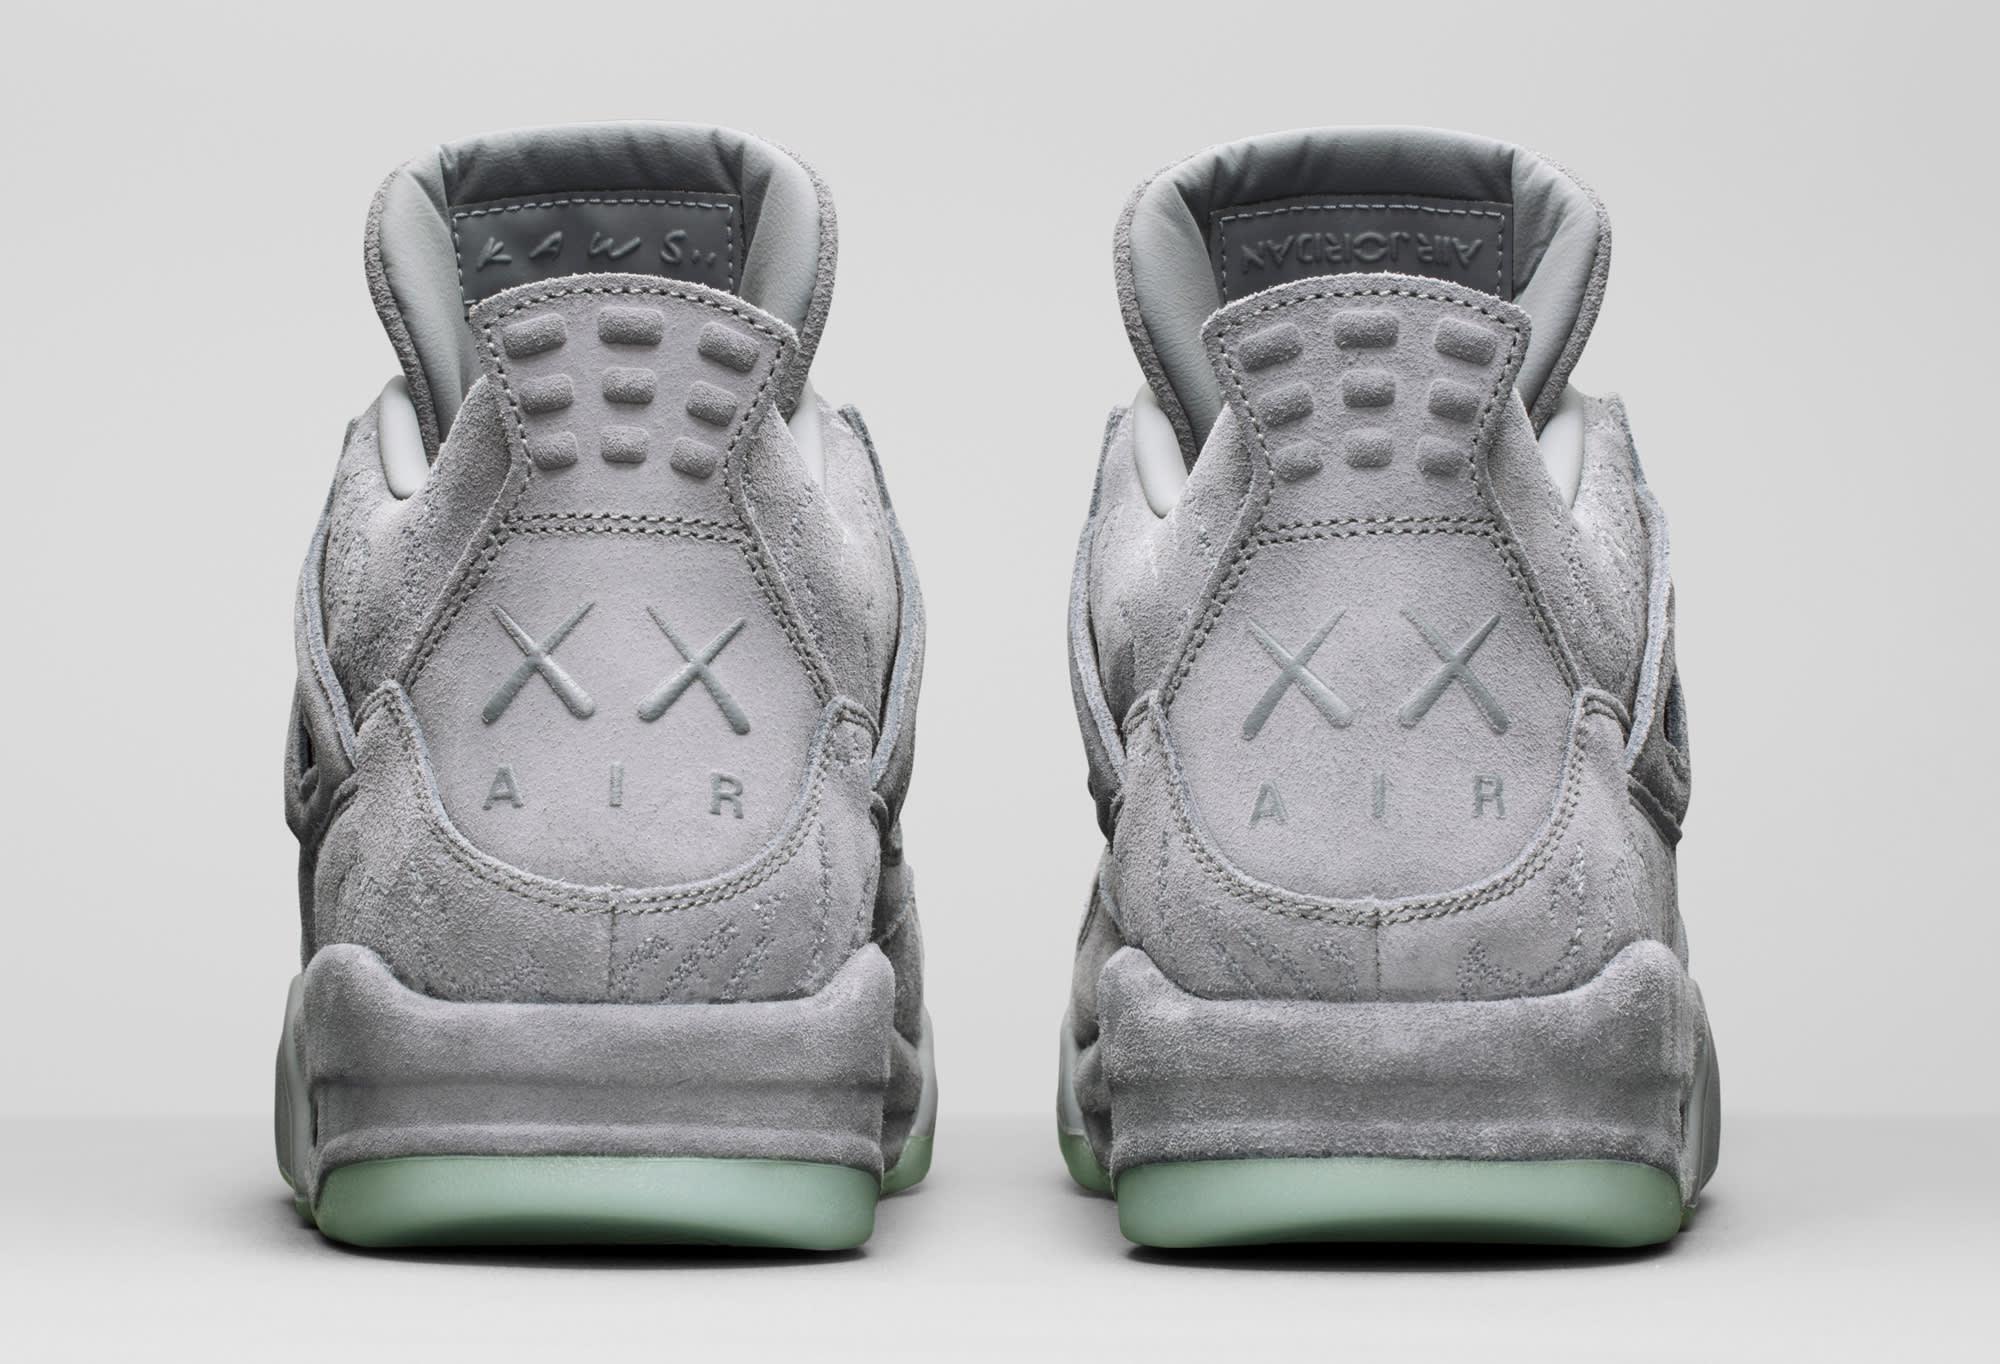 Air Jordan 4 Kaws Heel